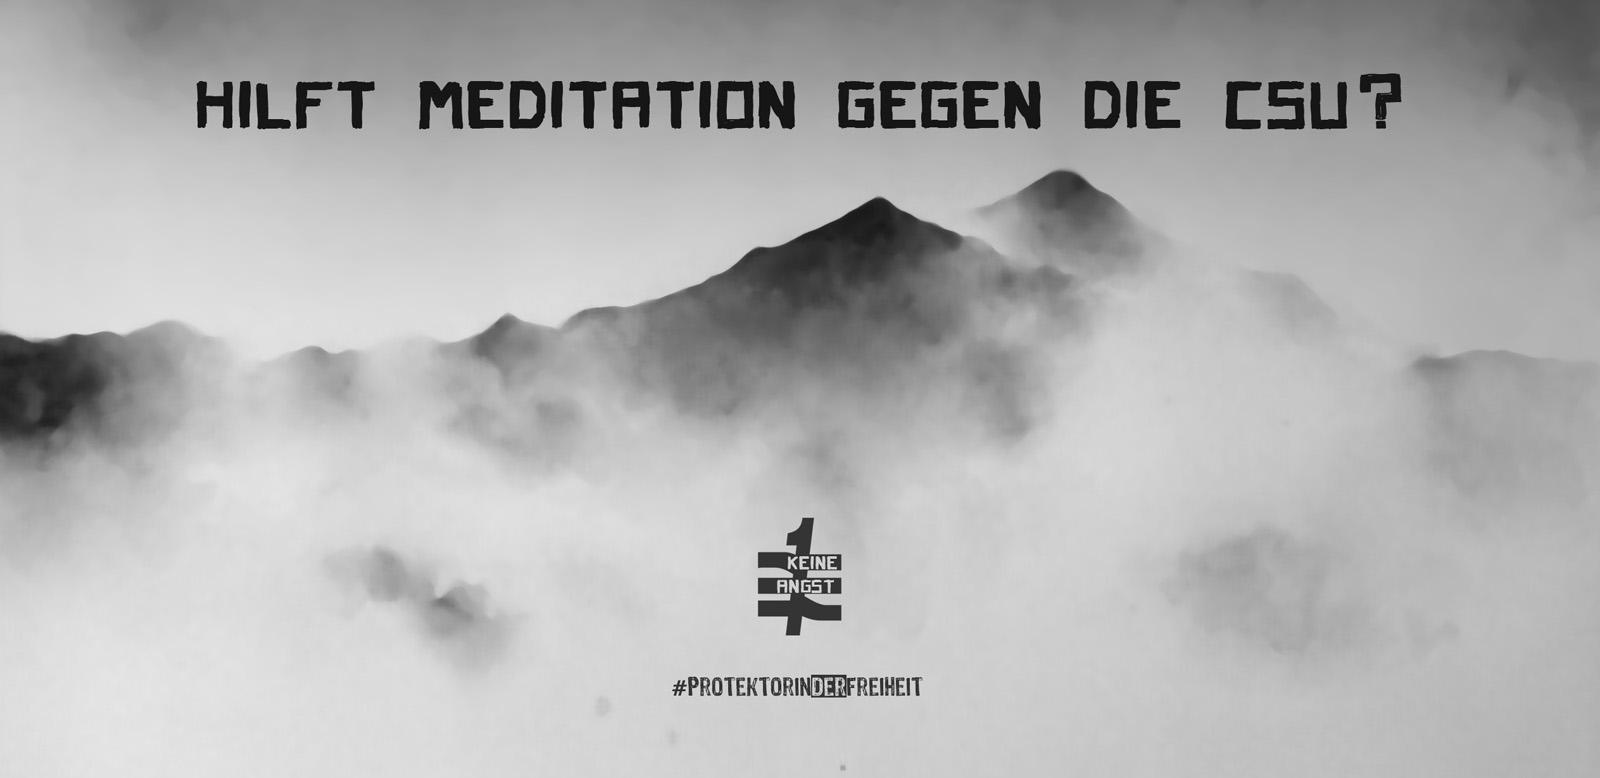 ProtektorinDerFreiheit_CSU